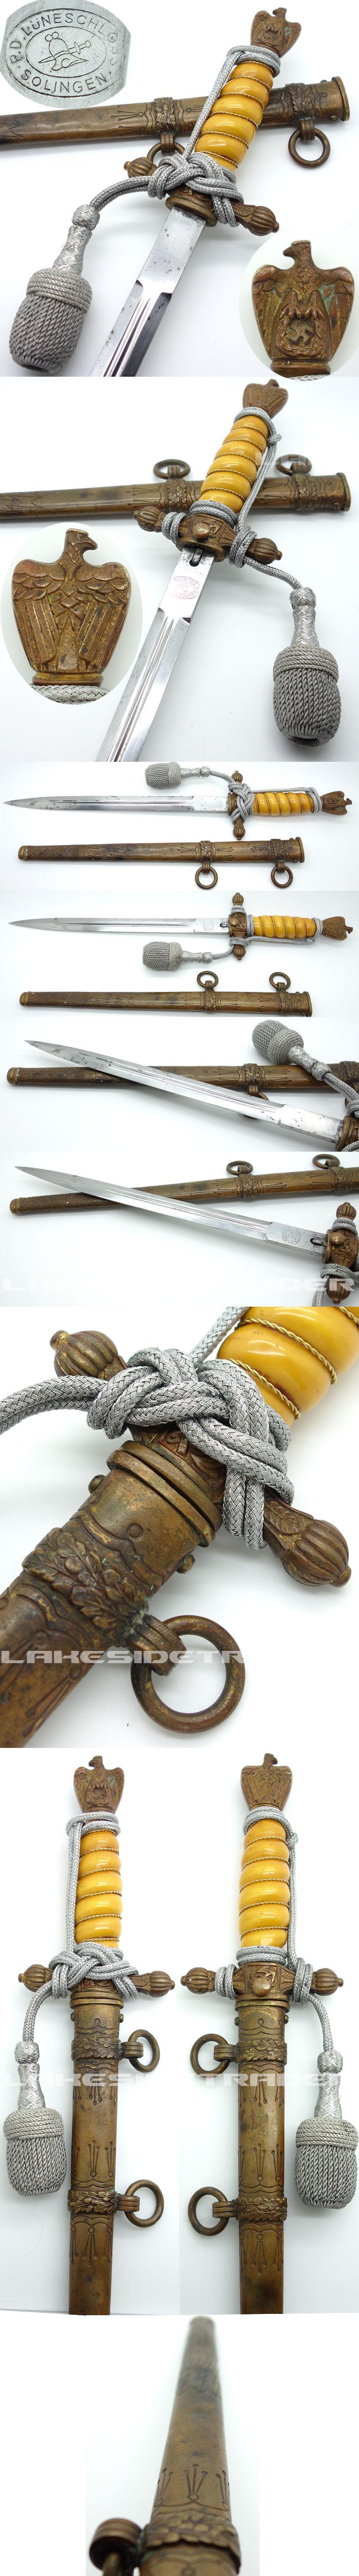 2nd Model Navy Dagger by Luneschloss